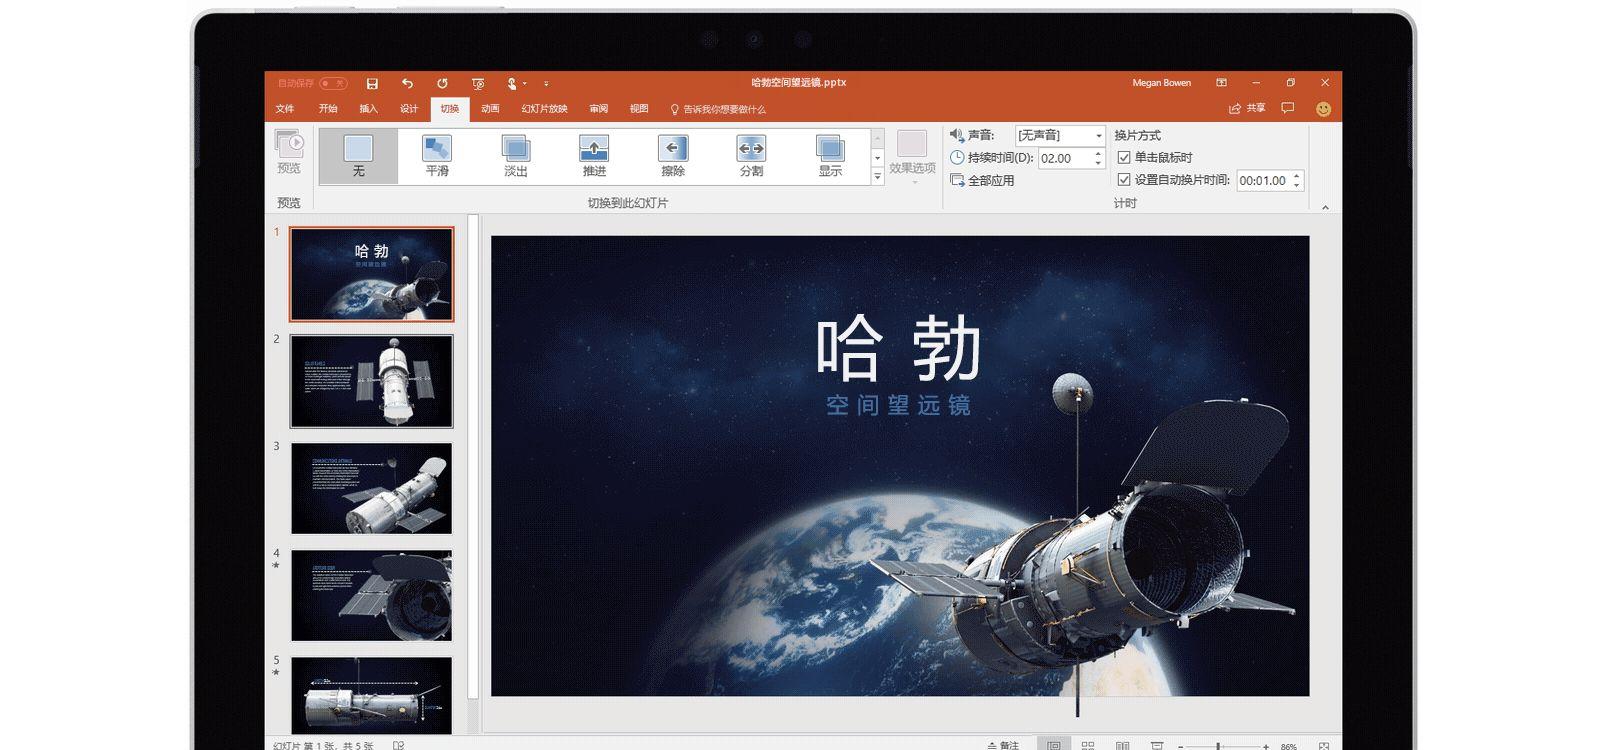 平板电脑屏幕,显示一个有关太空望远镜的 PowerPoint 文档中正在使用平滑